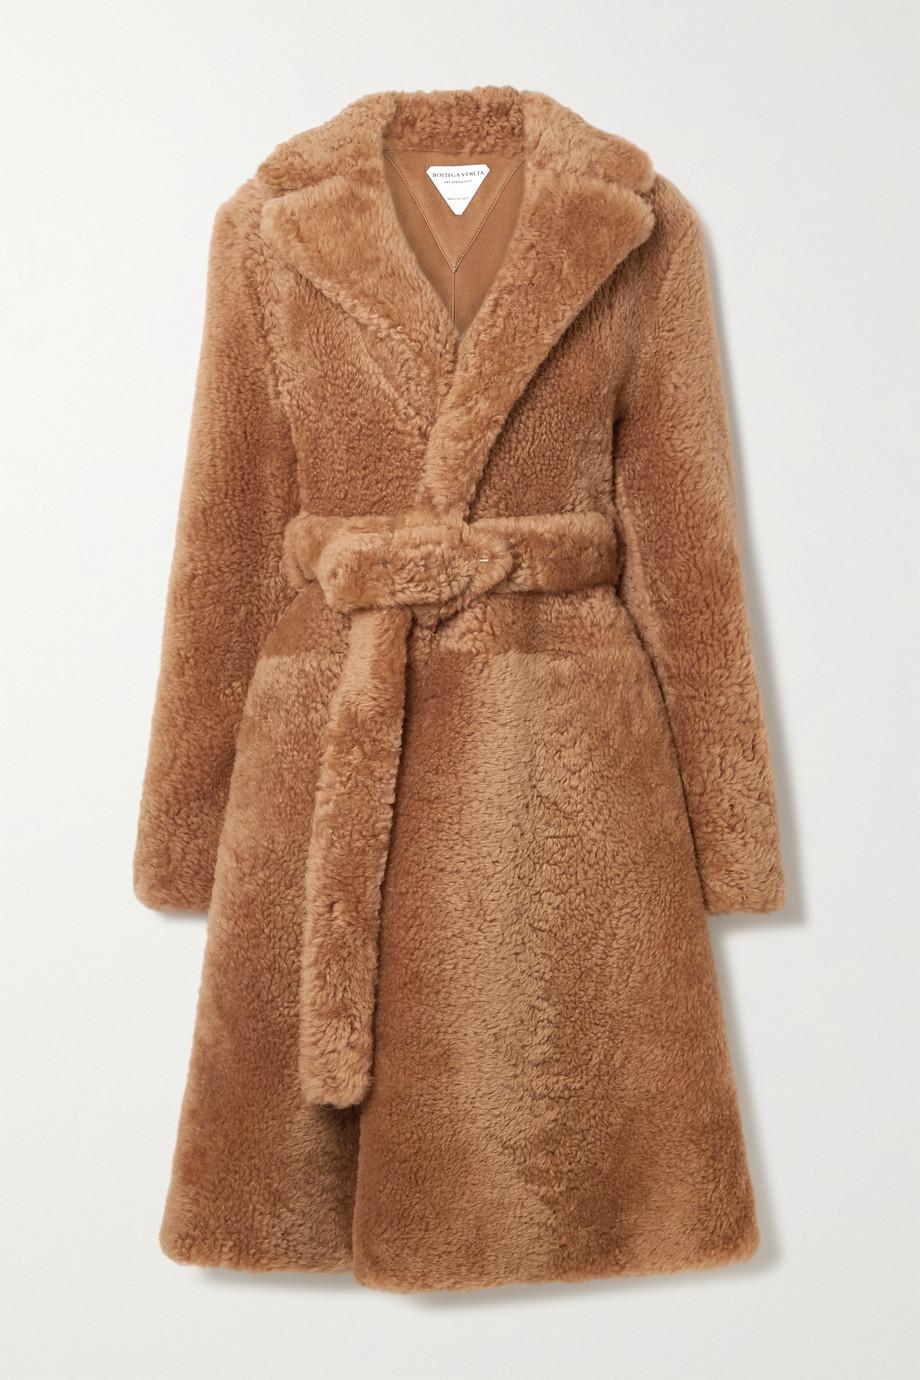 Bottega Veneta Manteau en peau lainée à ceinture